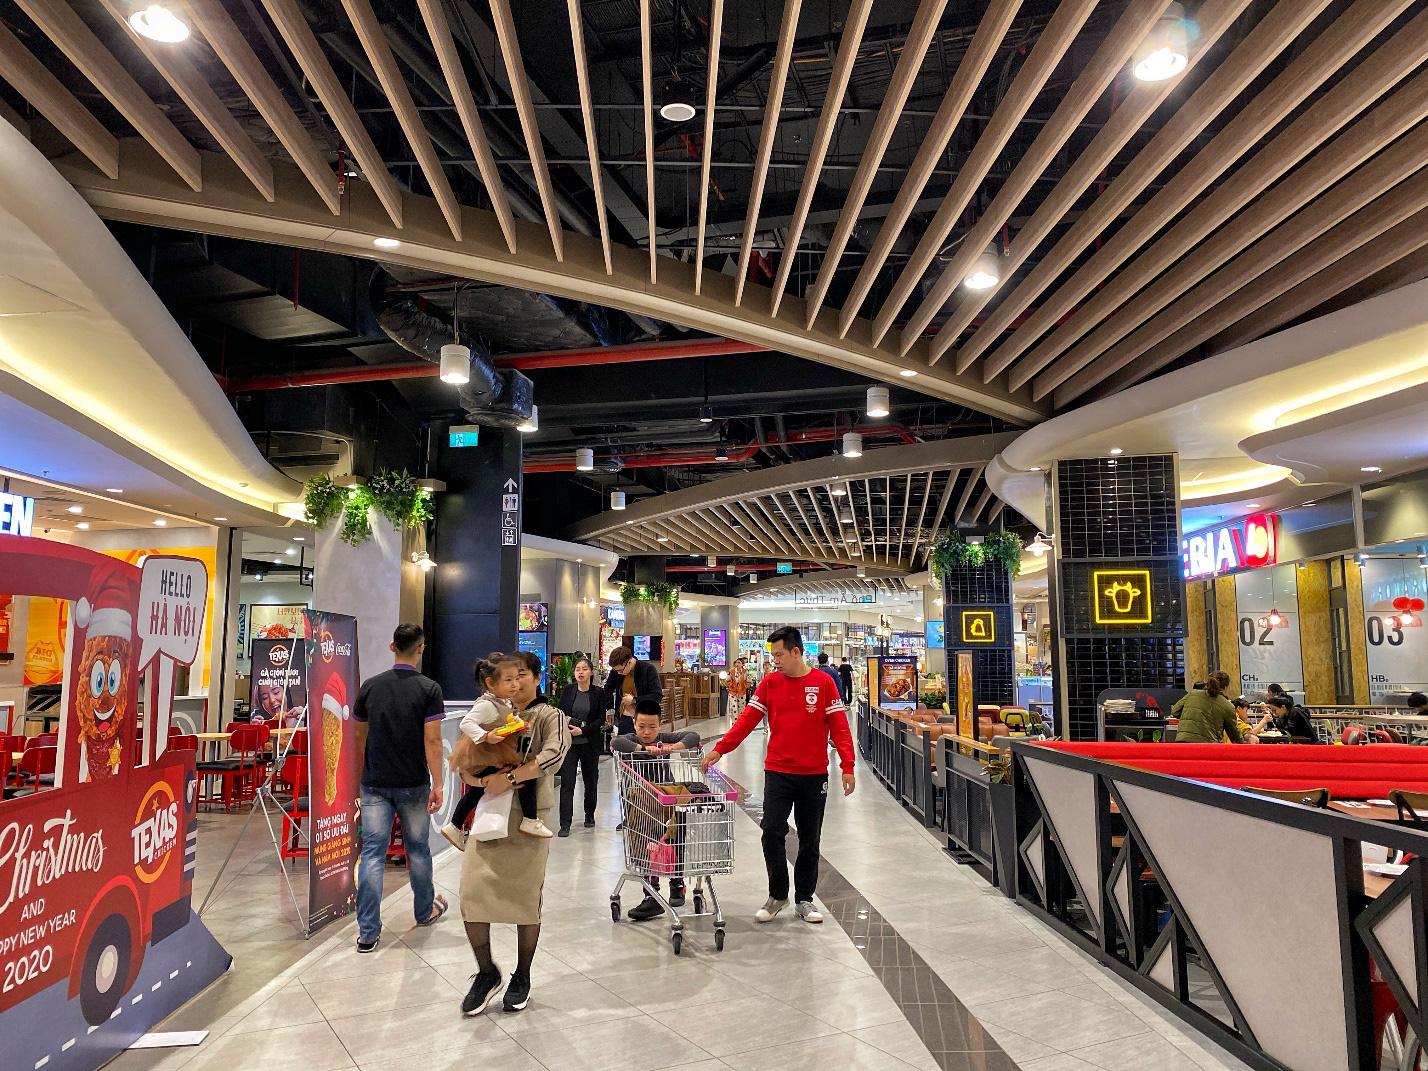 Trung tâm thương mại nhộn nhịp ngày cận Tết, ăn chơi, mua sắm thả ga mà vẫn thỏa sức vui - Ảnh 5.